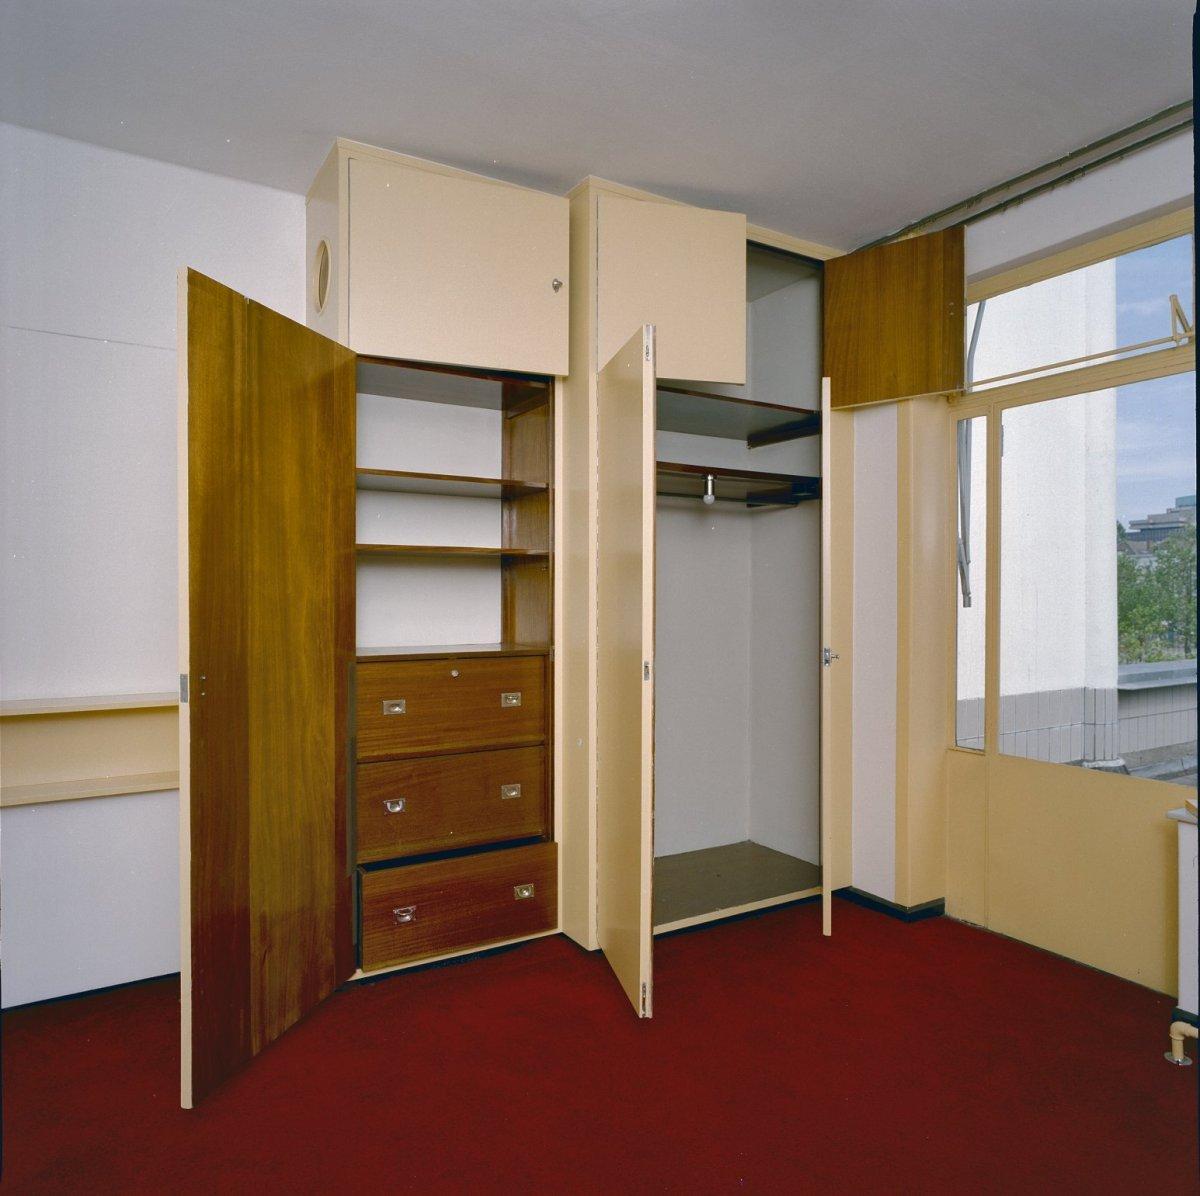 Bijzondere Vaste Kast Slaapkamer ~ Beste Inspiratie voor Huis Ontwerp